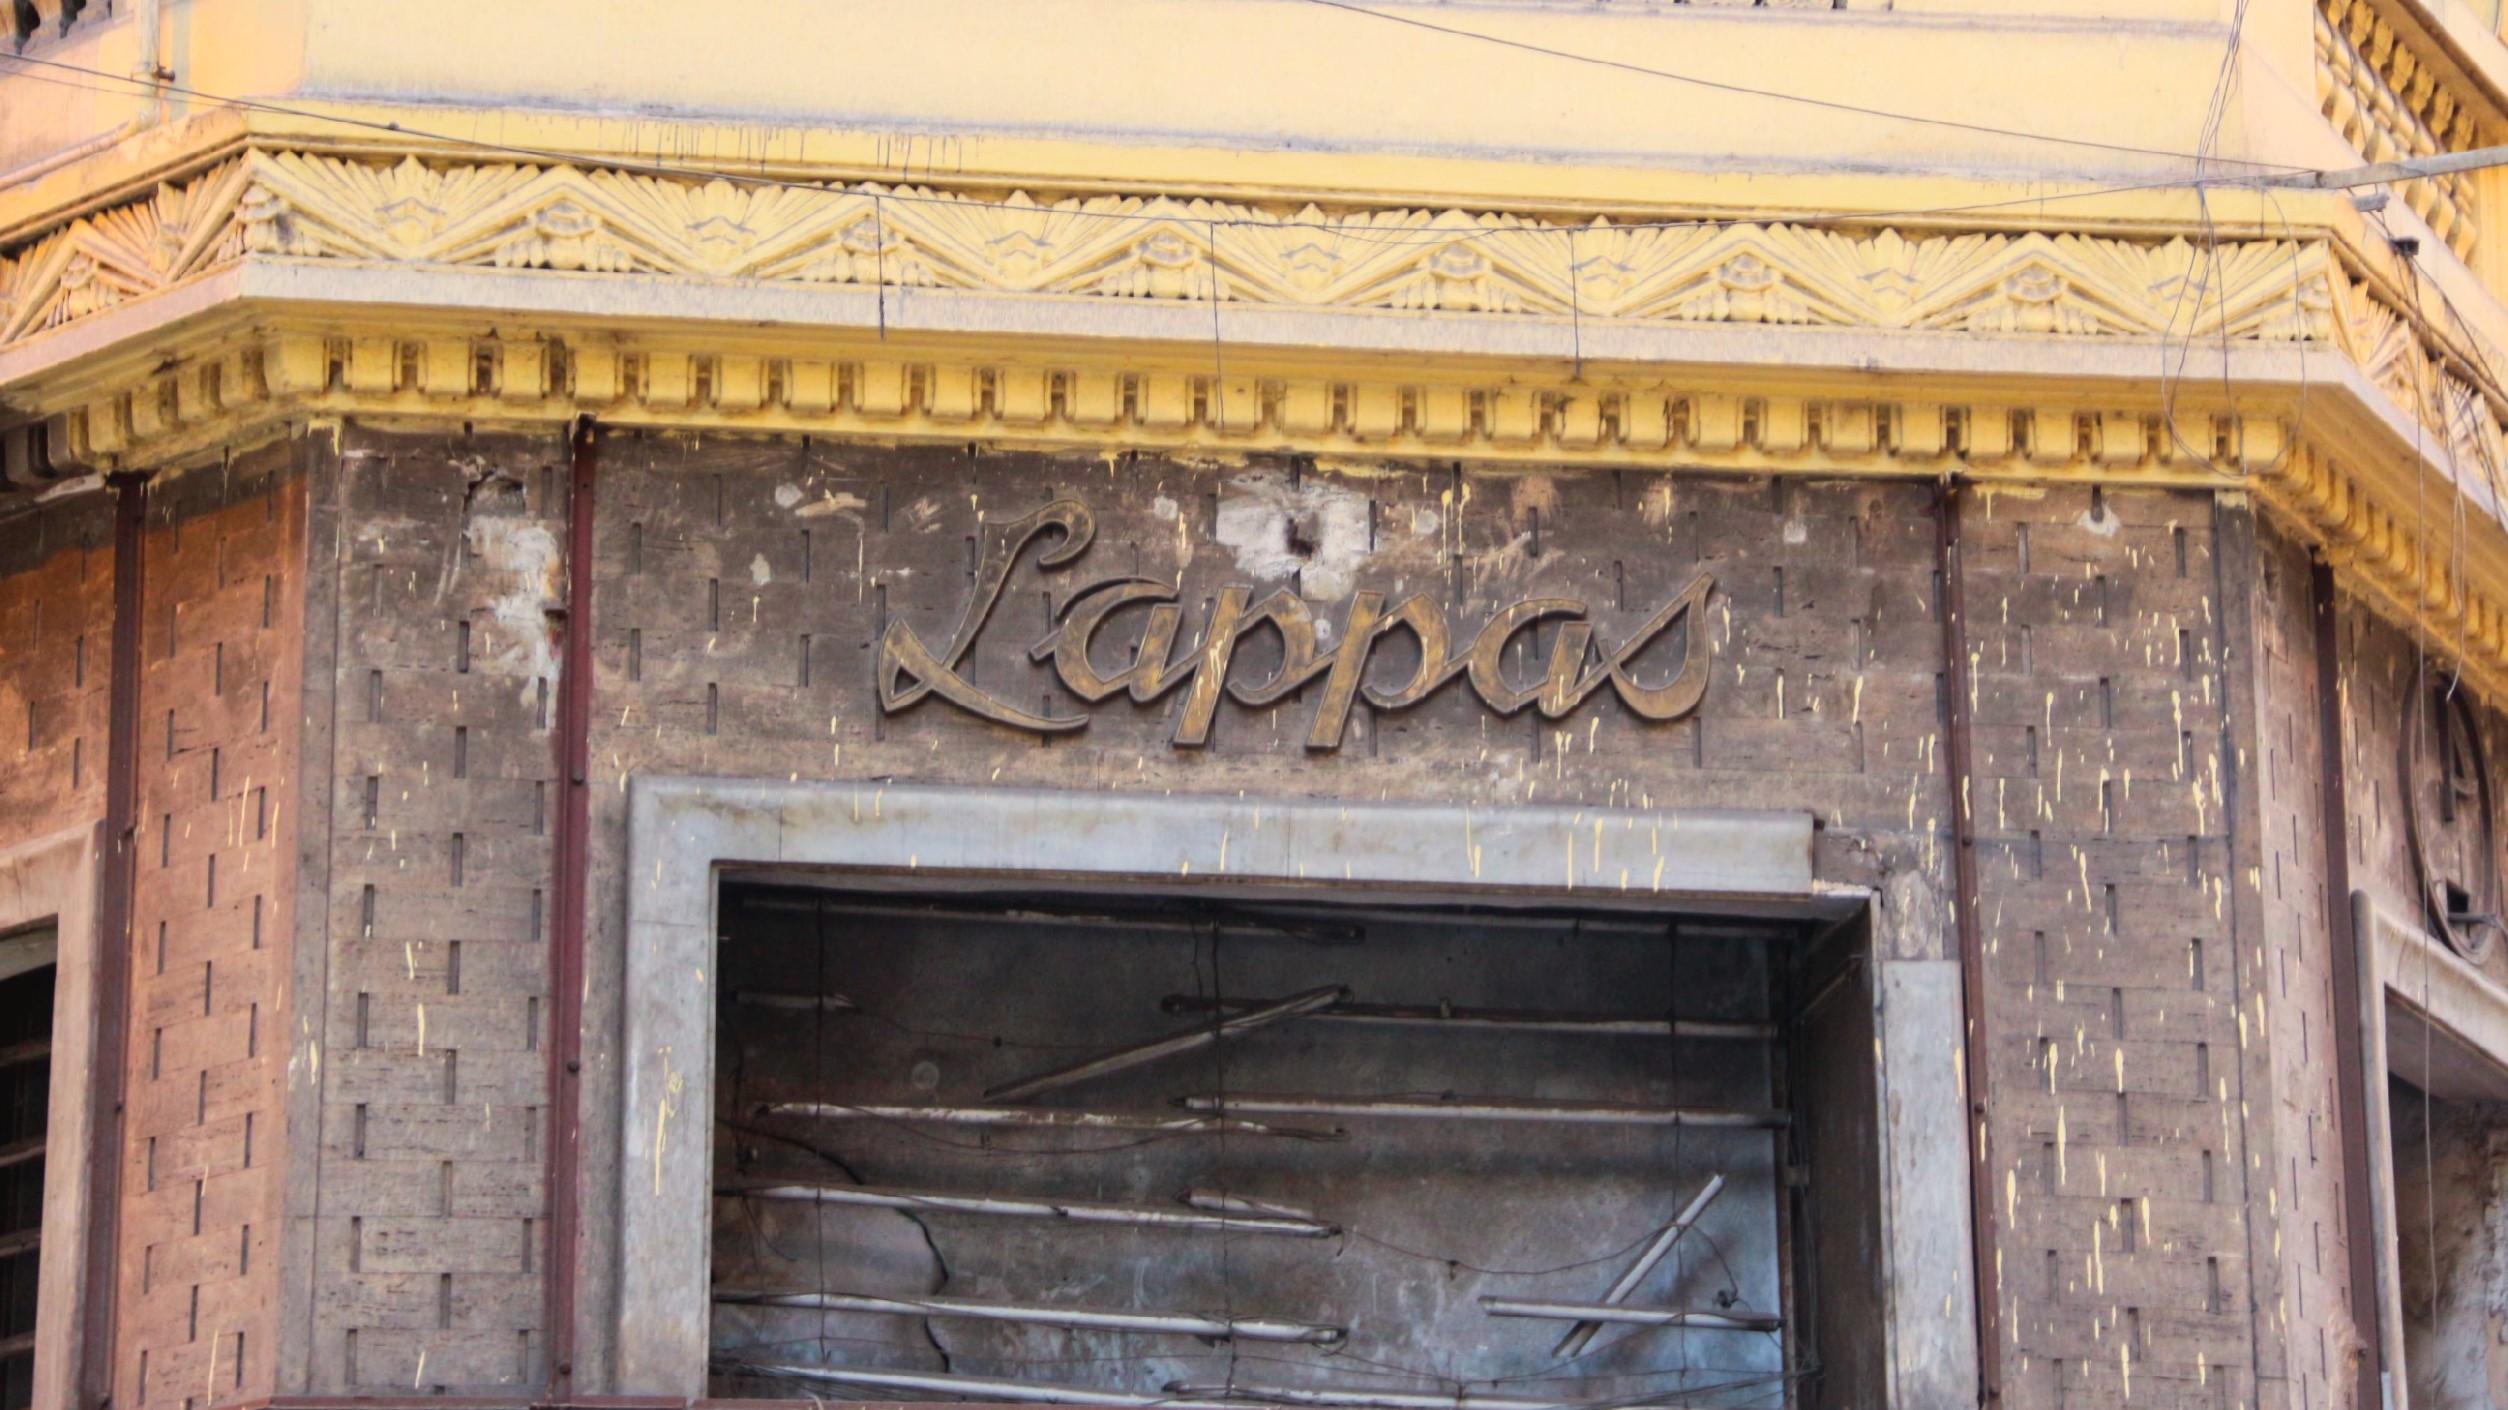 اللافتة الرئيسية لكافيتريا لاباس بشارع قصر النيل